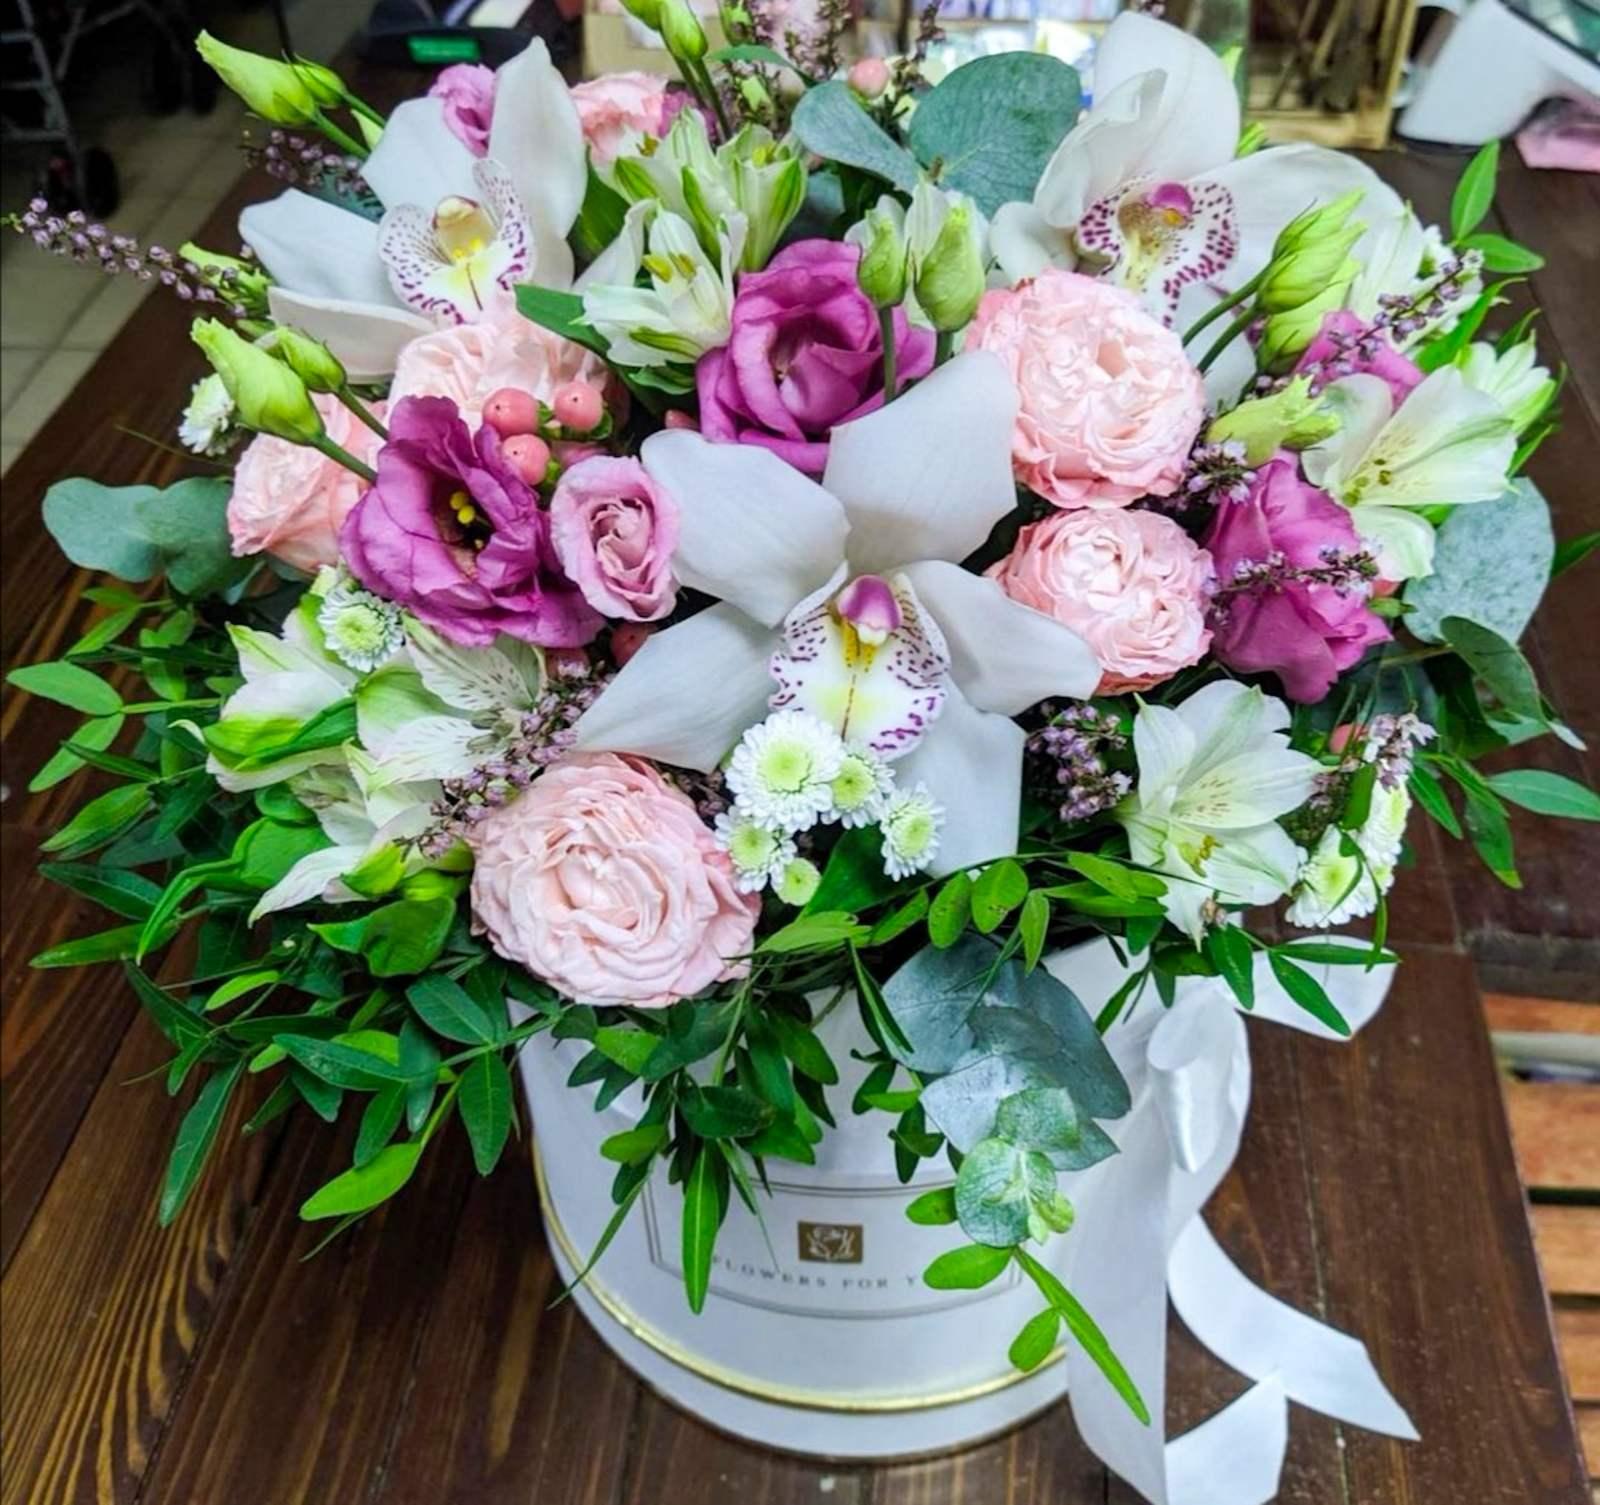 Микс коробочка с пионовидными розами и фисташкой